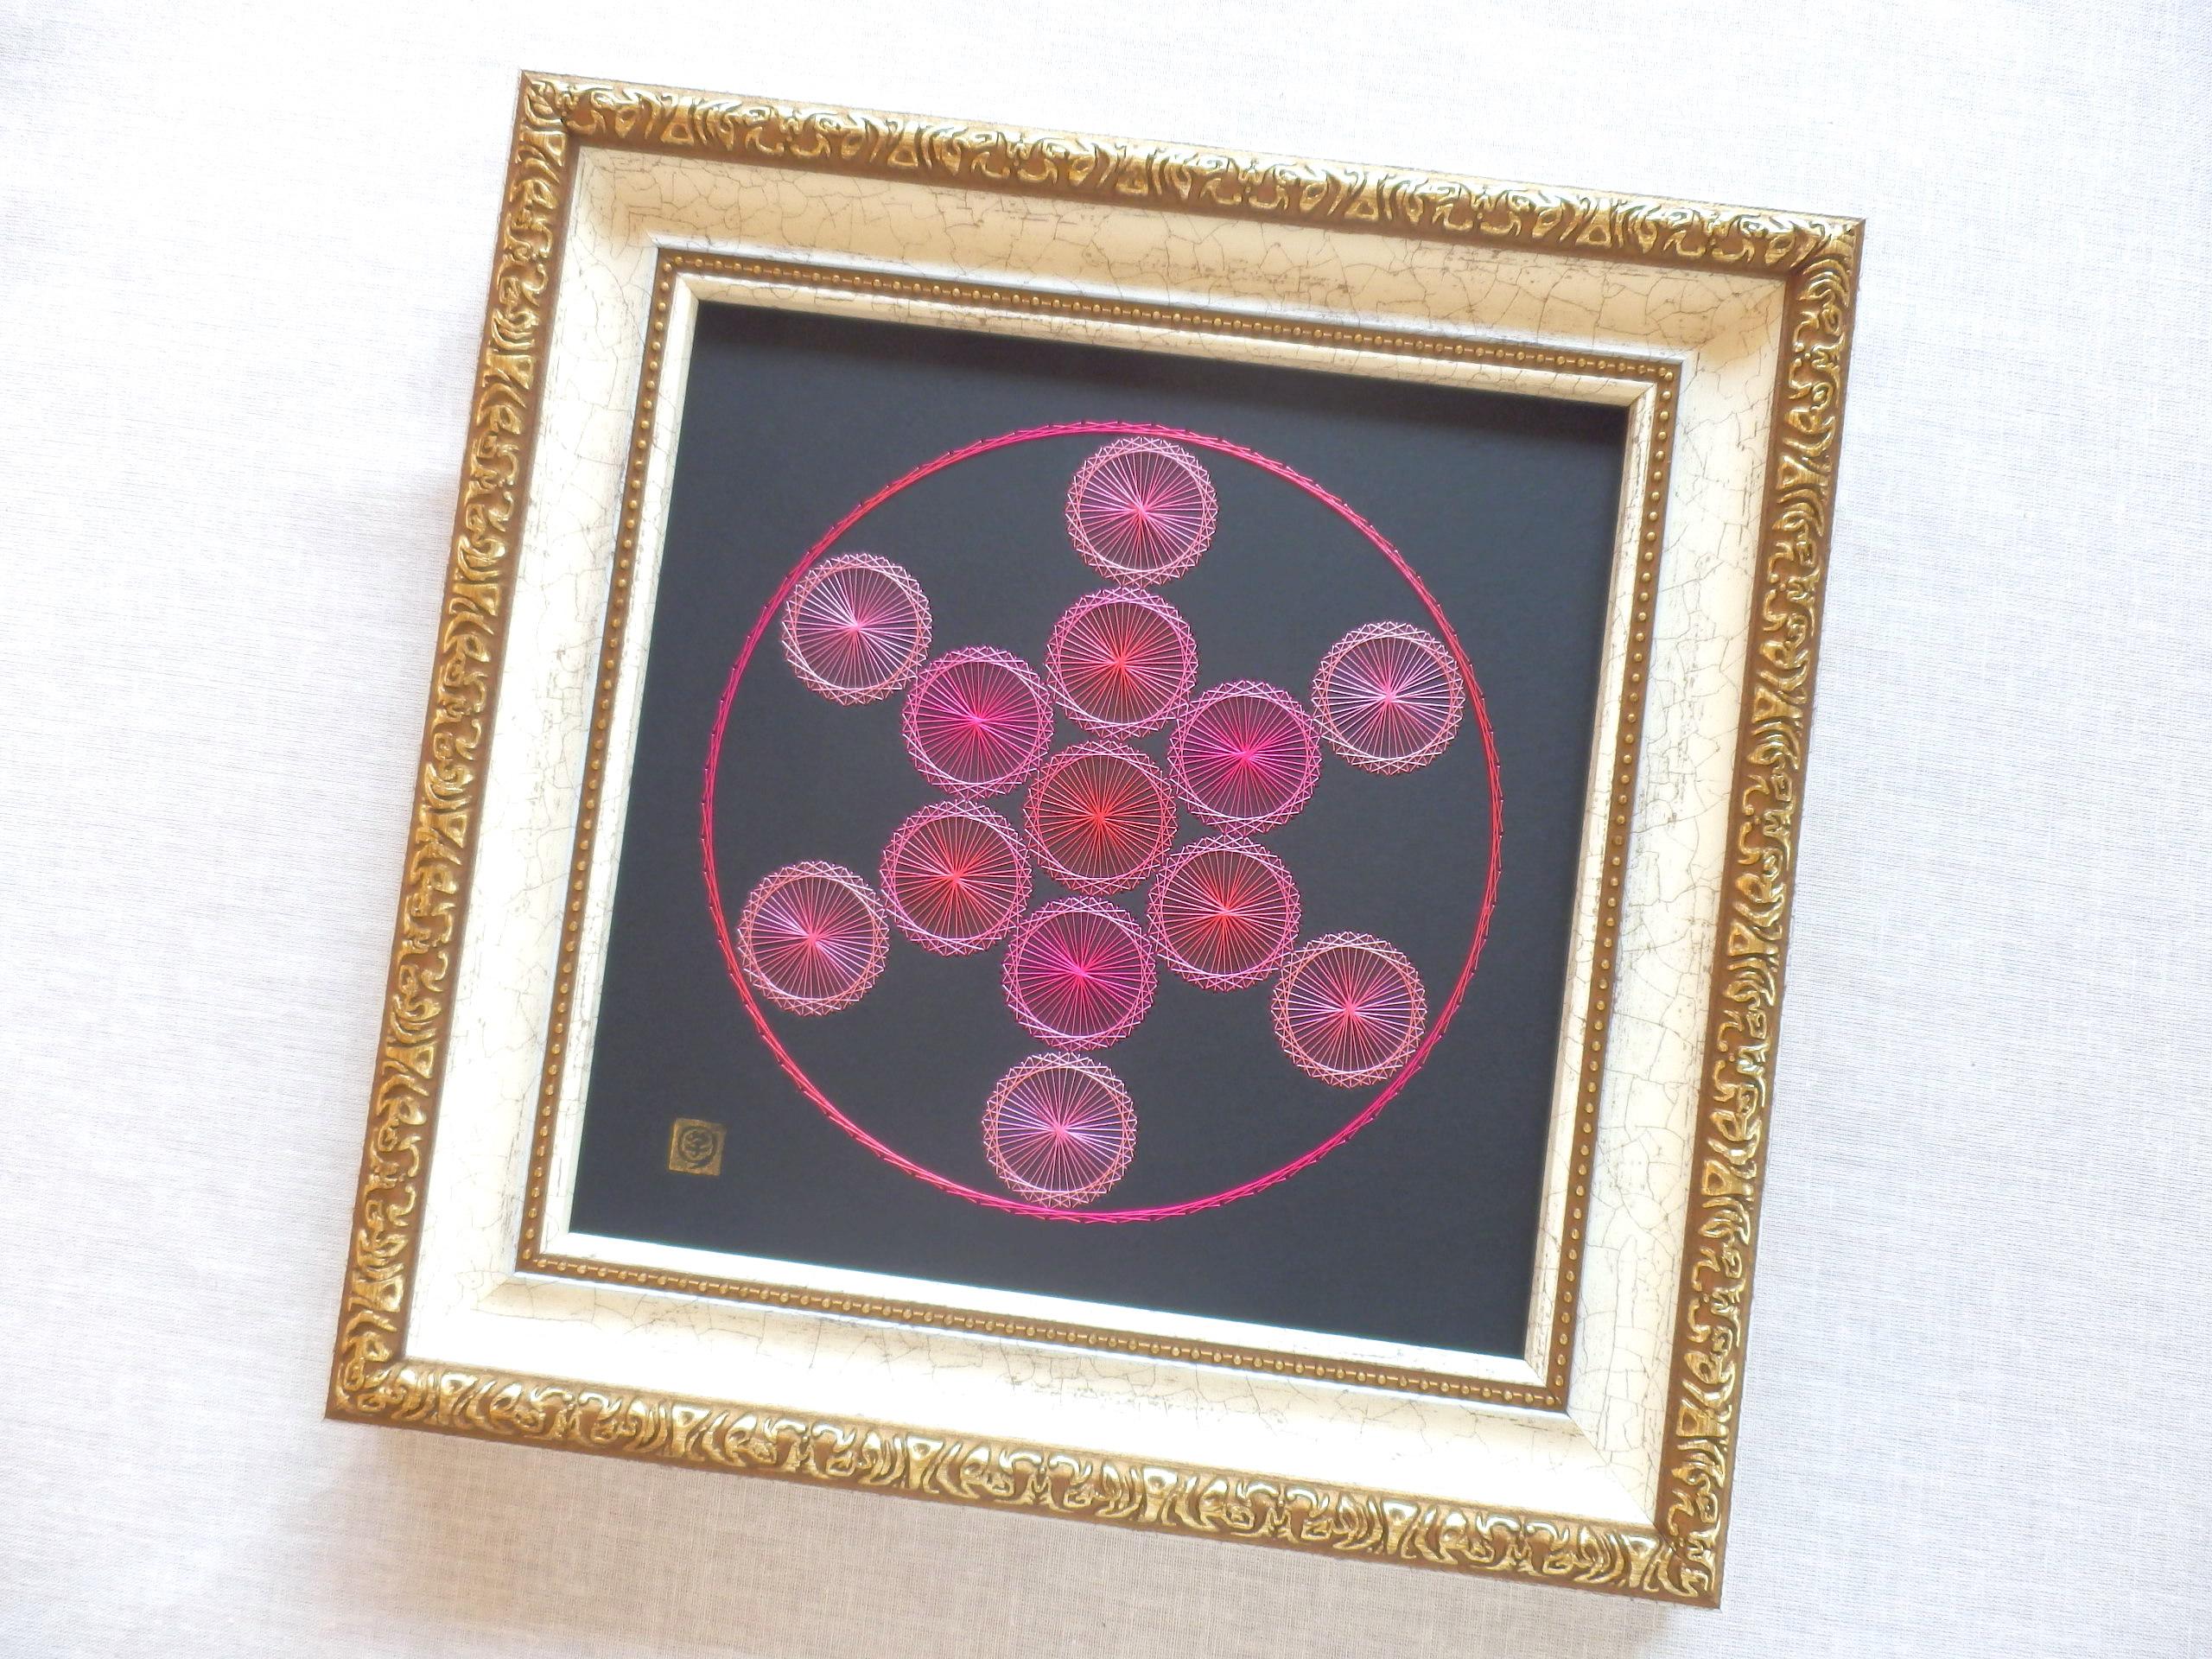 神聖幾何学 フルーツオブライフ 【糸とおし】